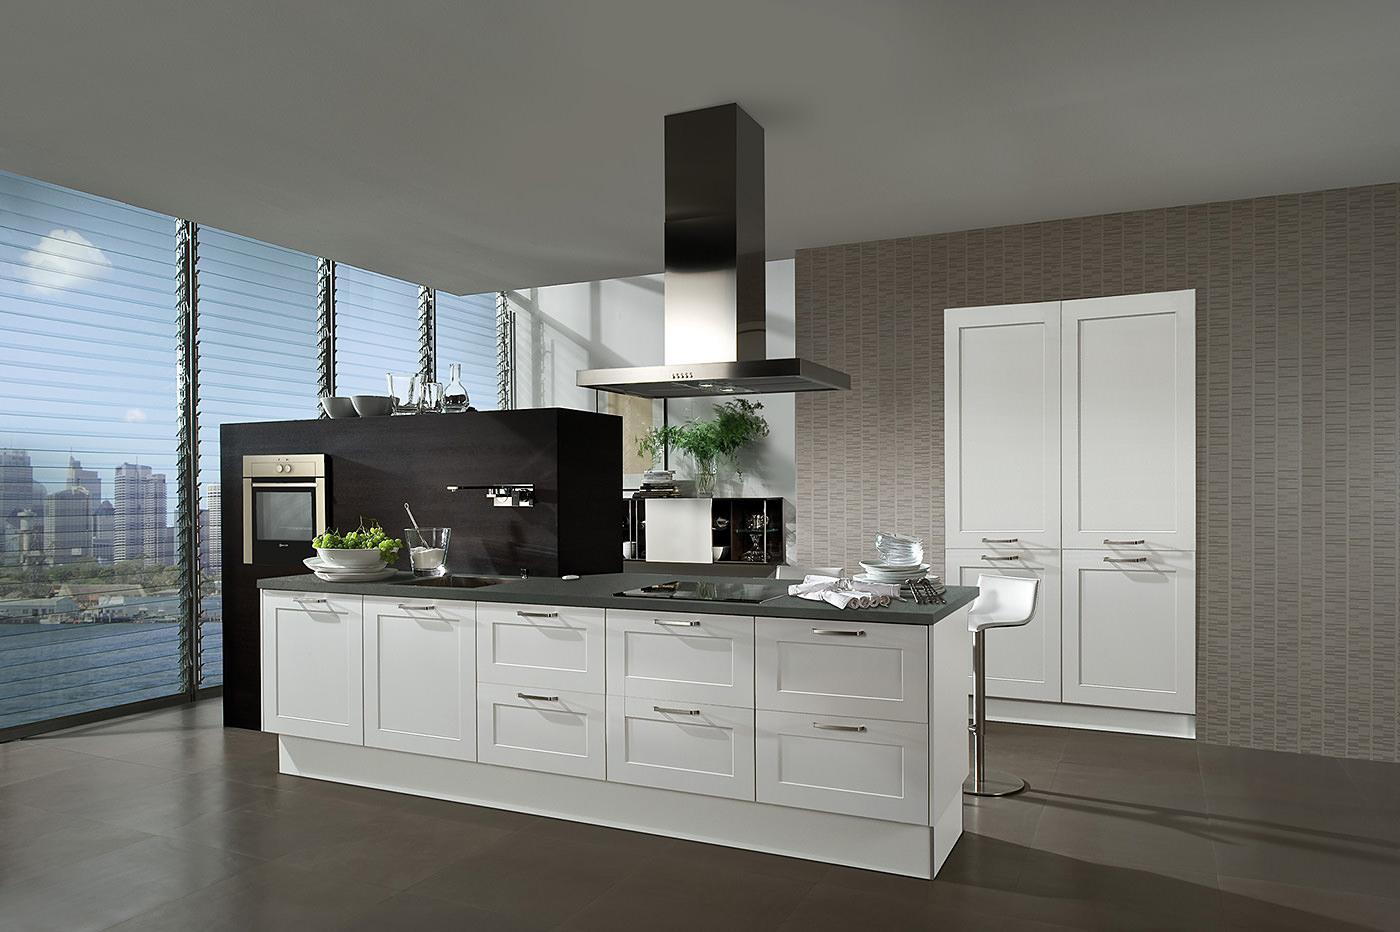 Full Size of Küche Finanzieren Oder Bar Küche Finanzieren Ikea Küche Finanzieren Laufzeit Küche Finanzieren Ohne Schufa Küche Küche Finanzieren